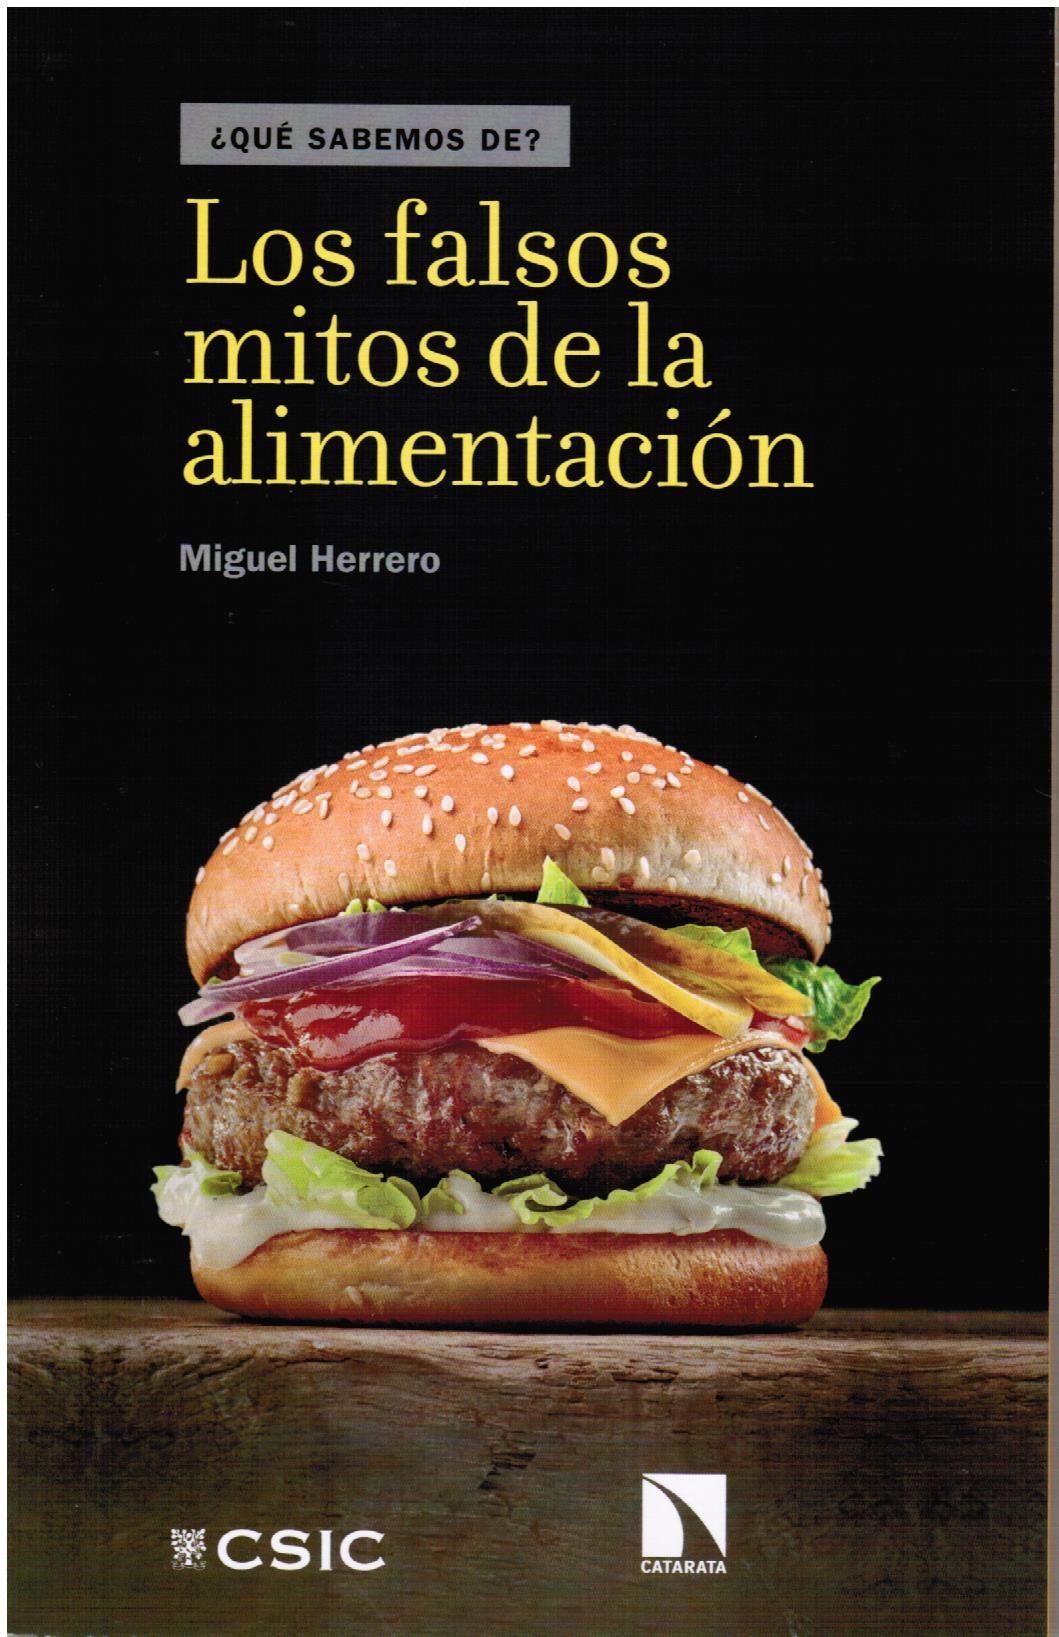 los falsos mitos de la alimentacion-9788400103439